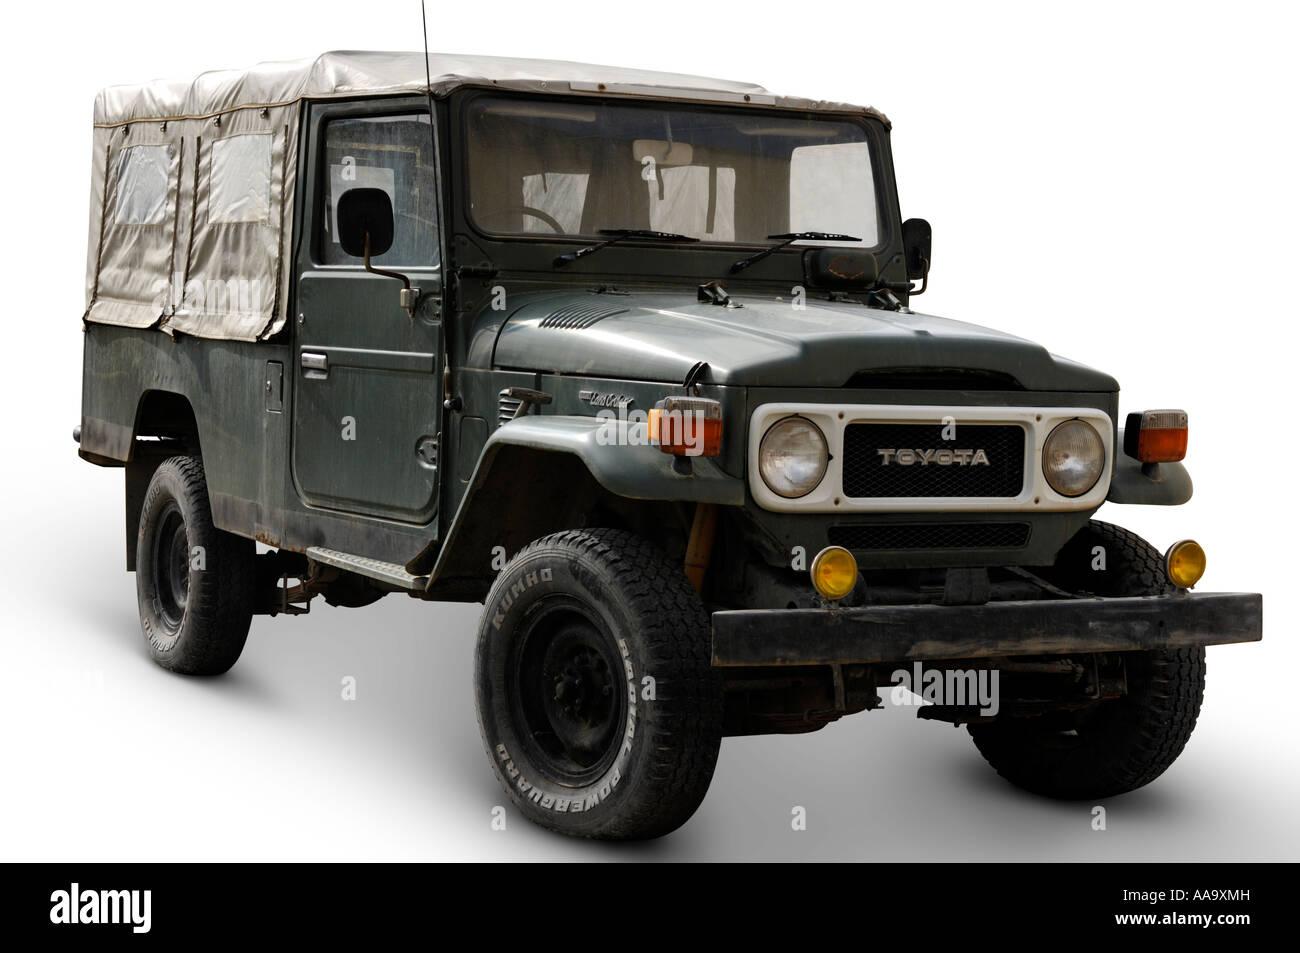 Kelebihan Jeep Land Cruiser Top Model Tahun Ini